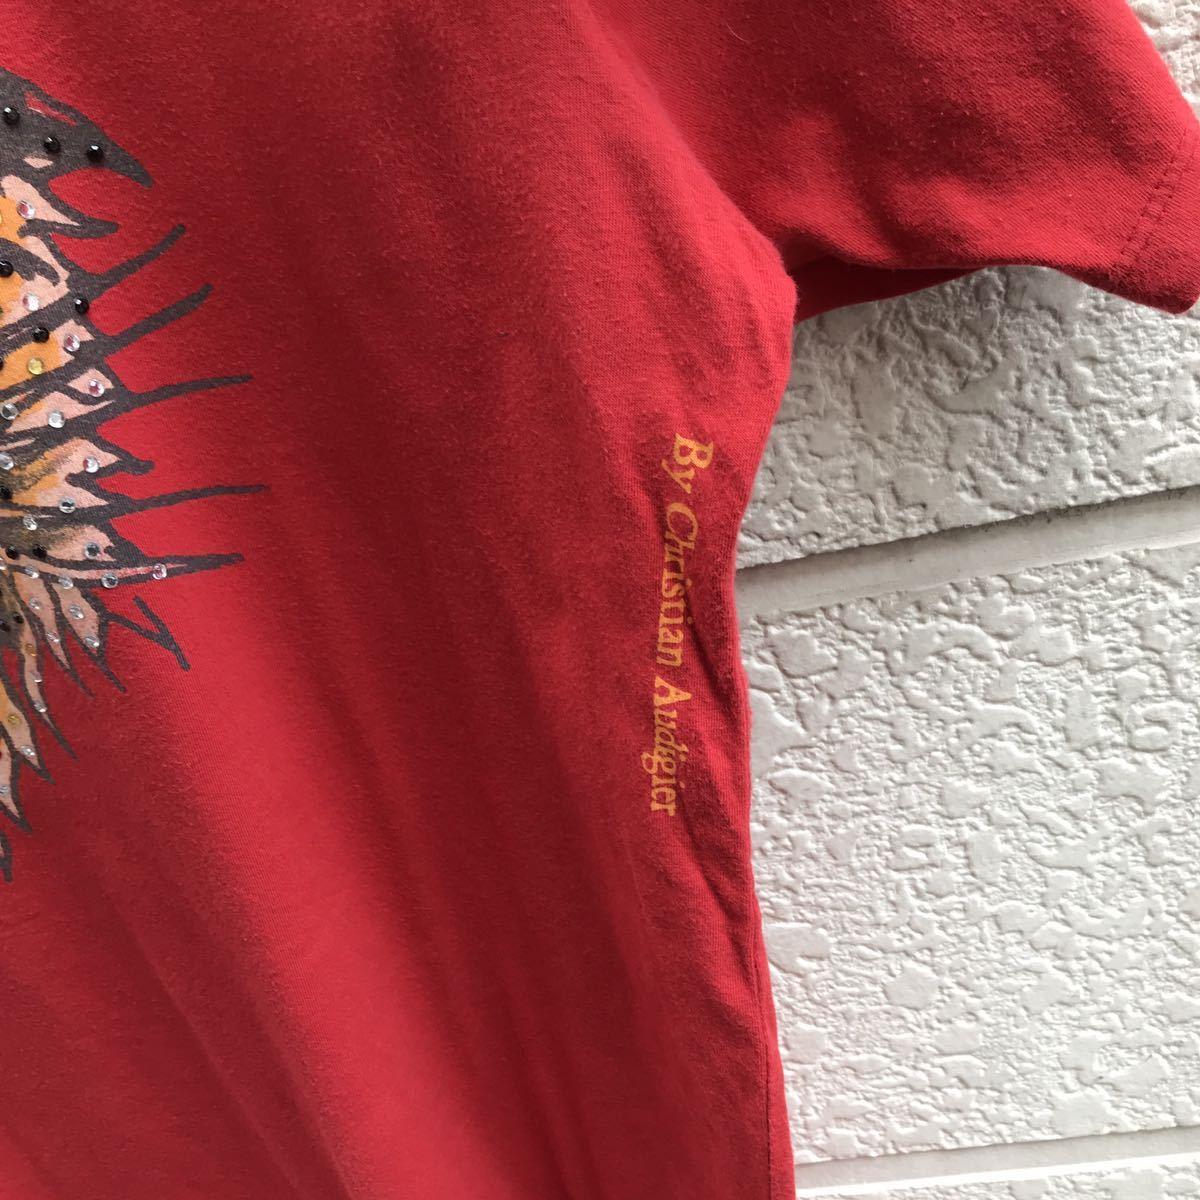 US古着 USA製 Ed Hardy プリントTシャツ アニマル柄 トラ柄 入れ墨 タトゥー タトゥー柄 半袖Tシャツ エドハーディー アメリカ製 XLサイズ_画像6